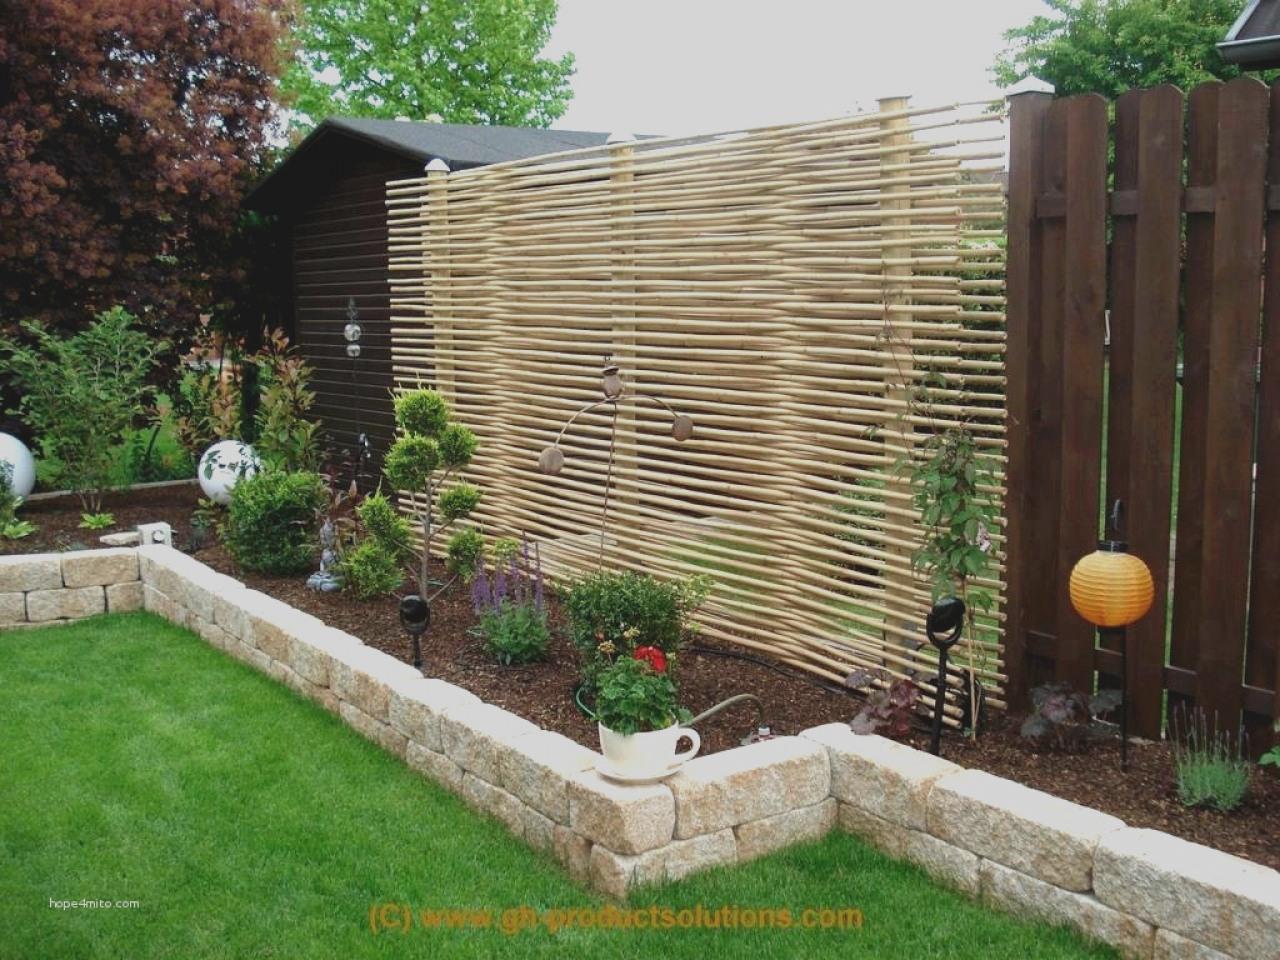 reihenhausgarten modern gestalten mit garten anlegen modern schon von modernwohndesign me 26 und garten anlegen modern wunderbar terrasse gestalten frisch ideas luxus neu tipps of mit reihenhausgarten